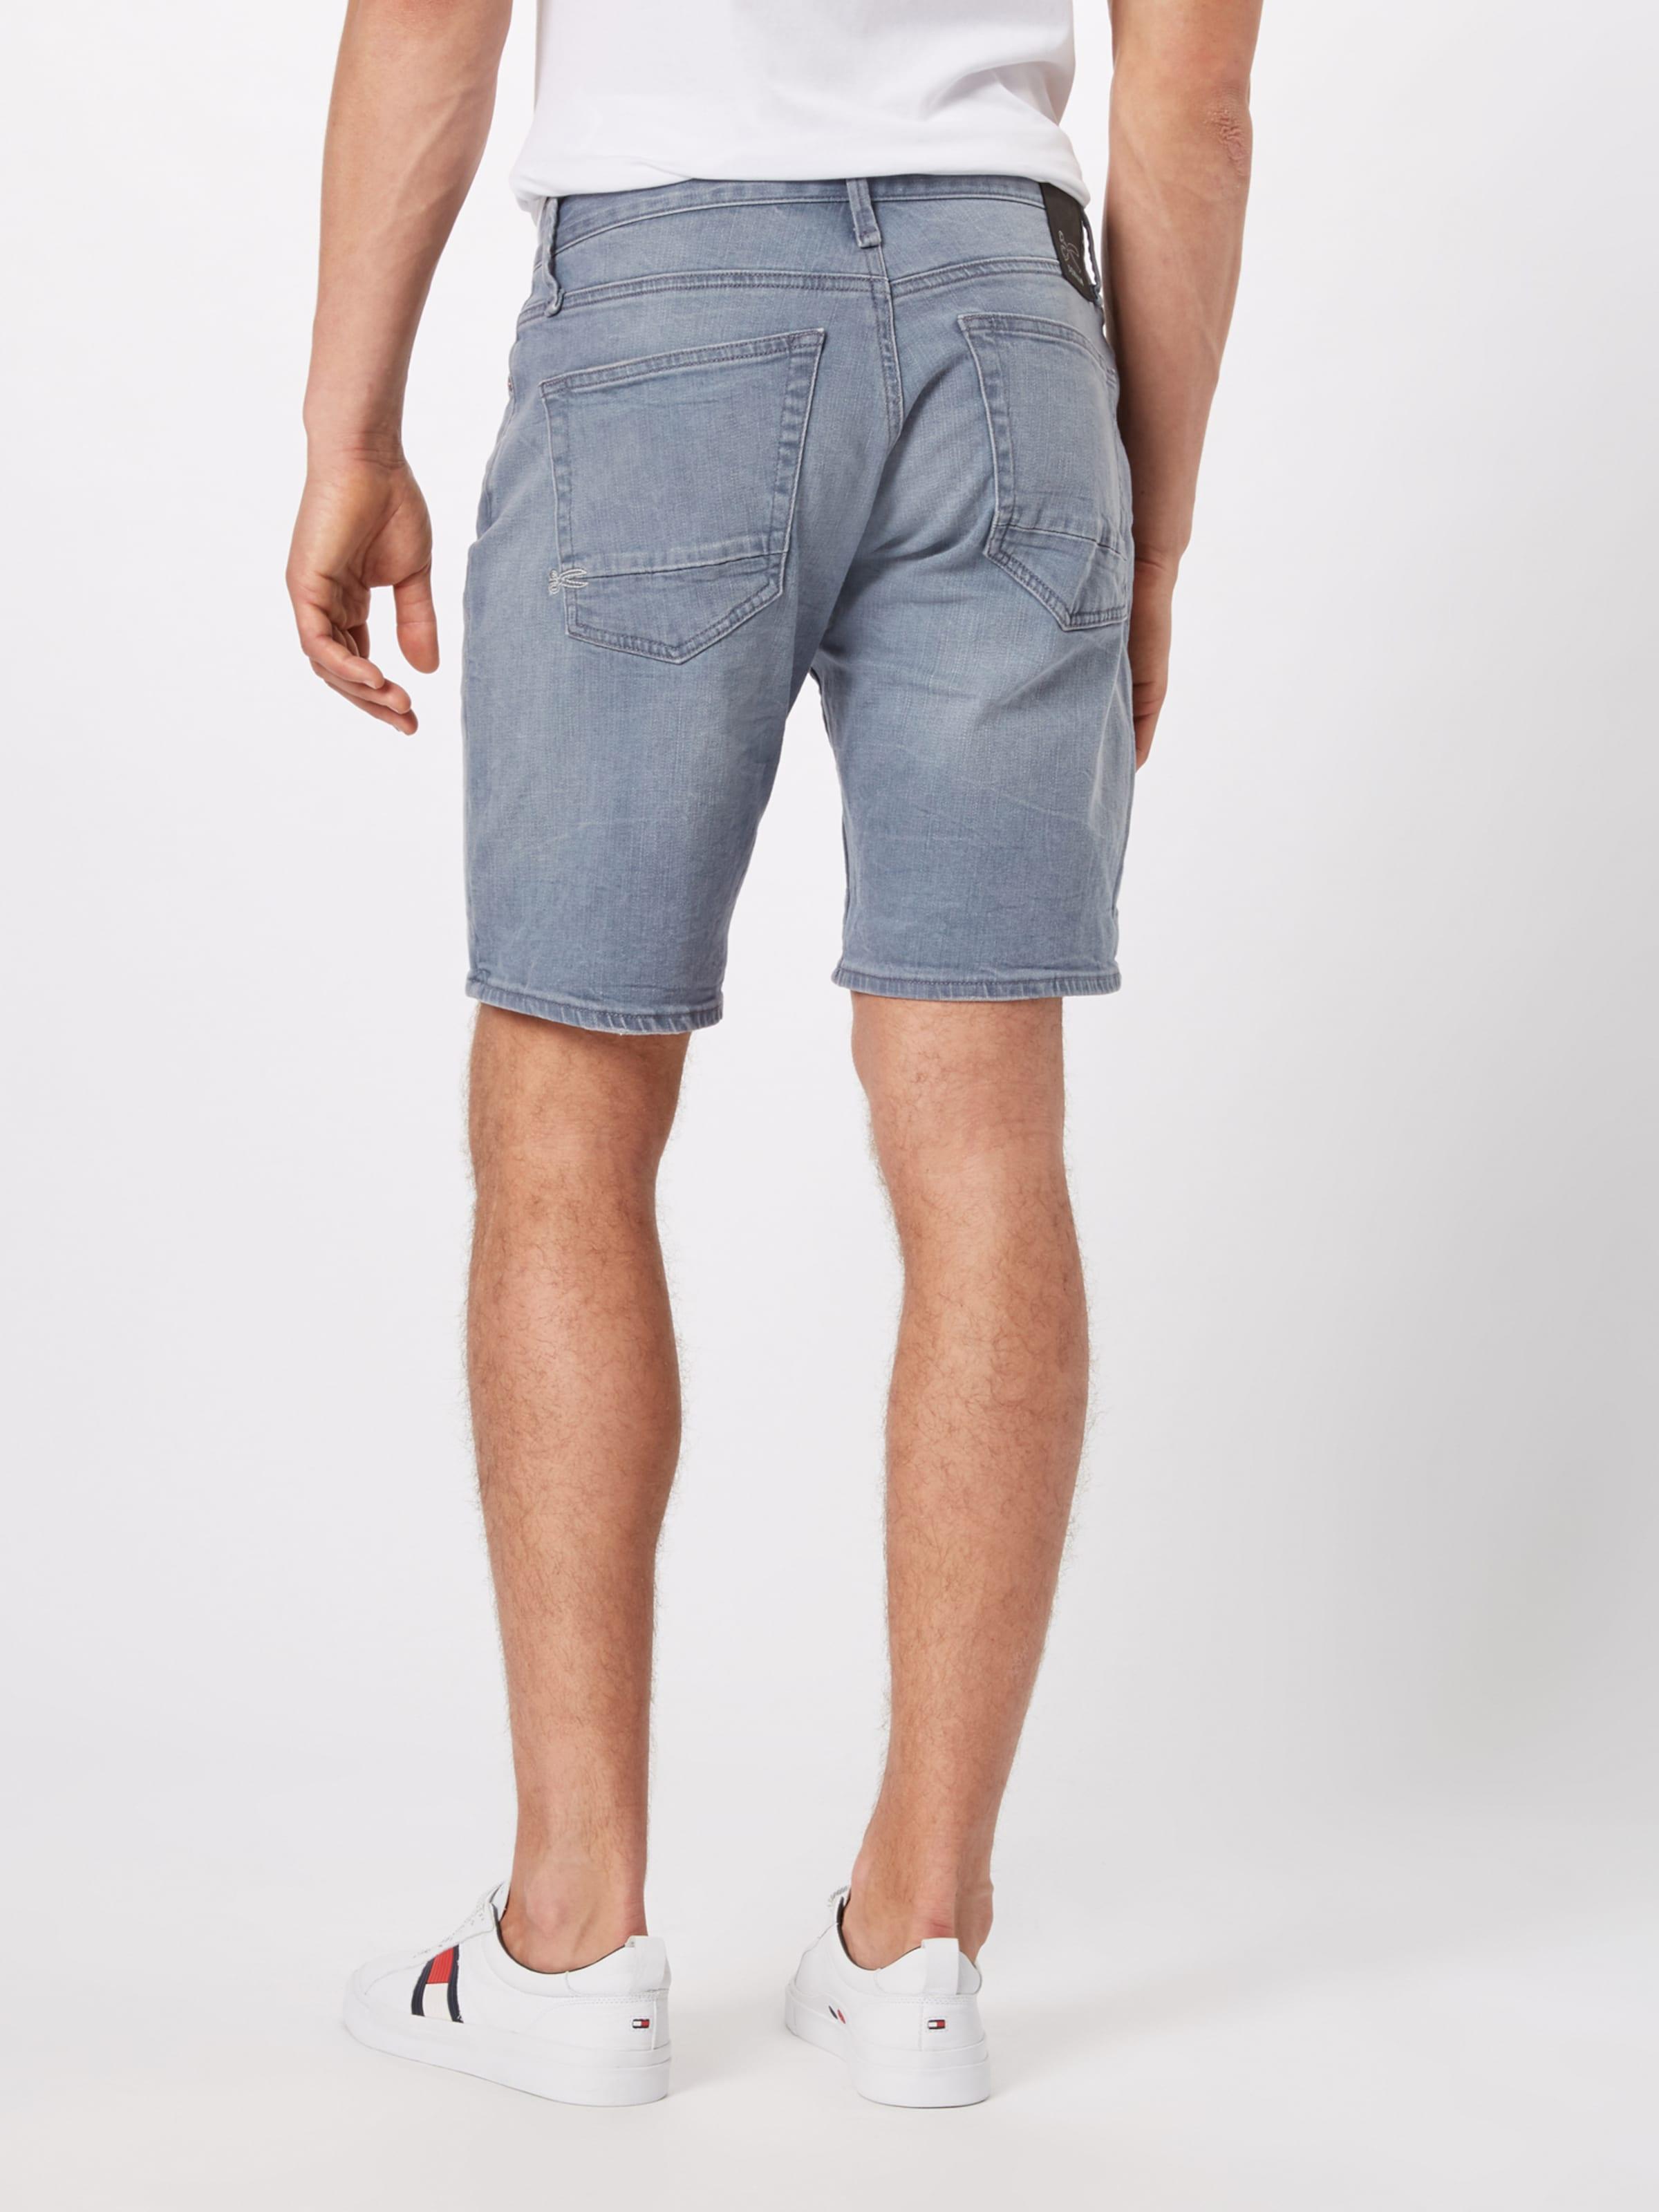 Jeans Denim In 'hammer' Blue Denham sCthrdQ